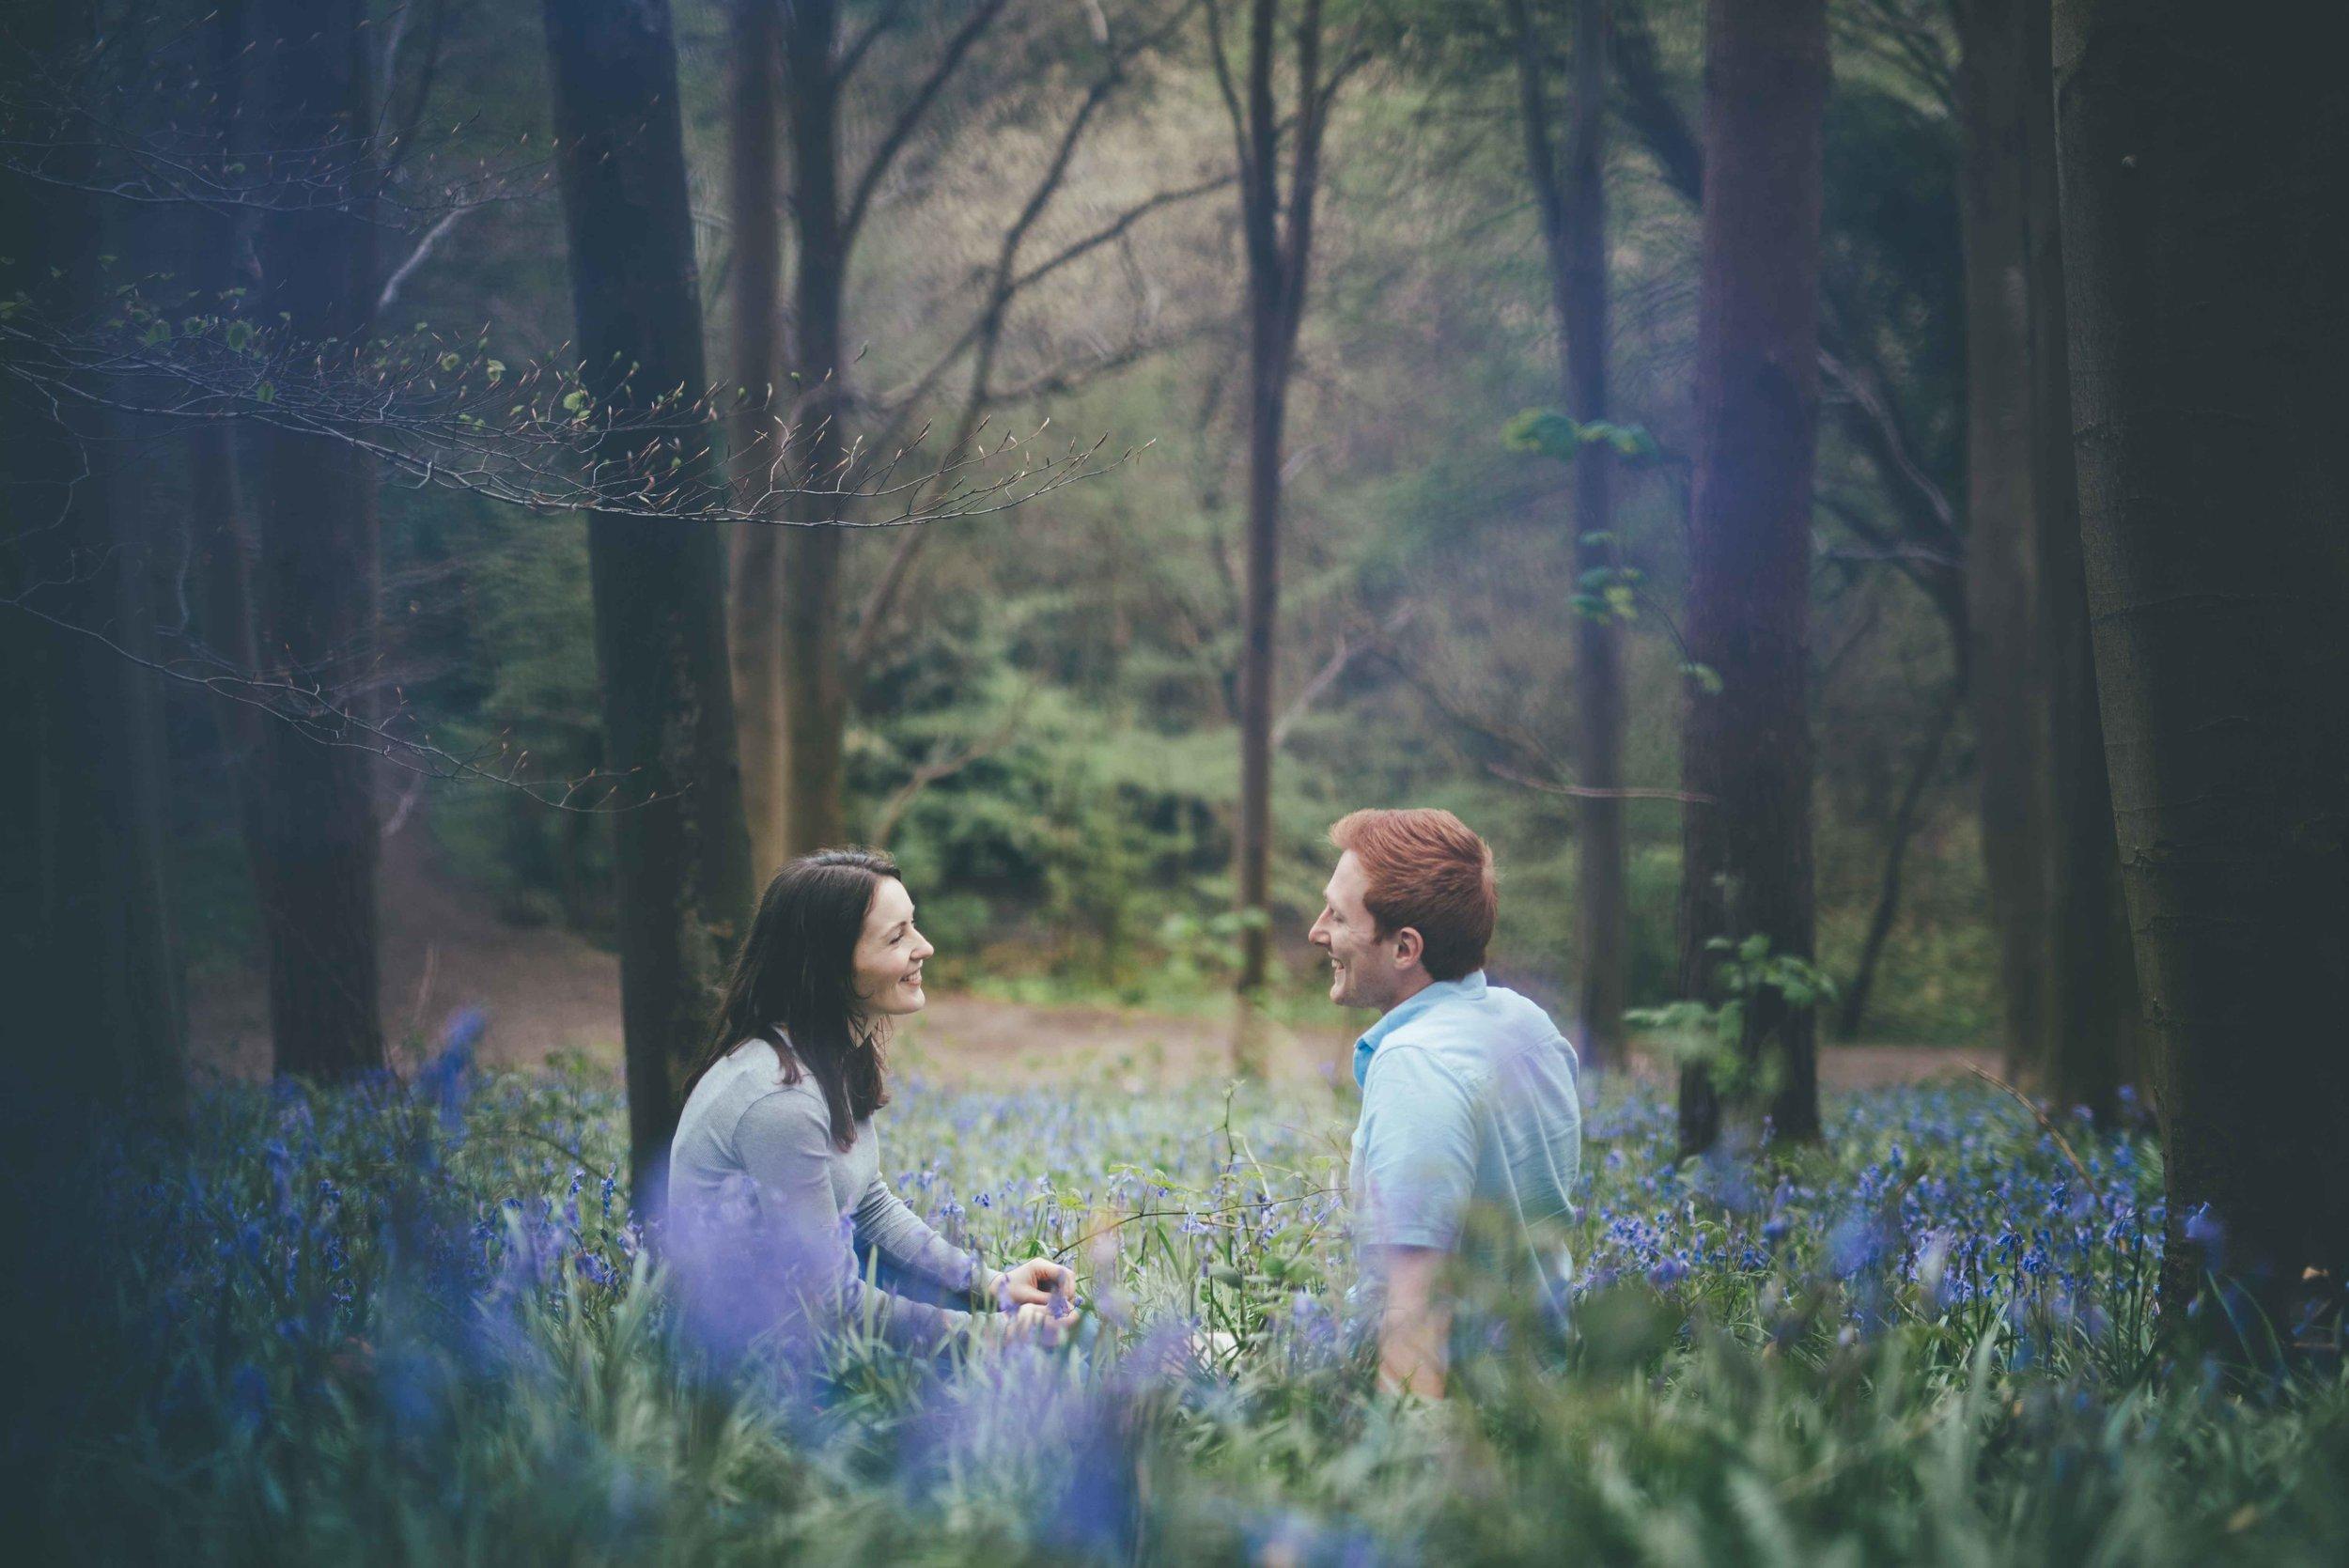 Emma + George - Erlestoke Woods, Wiltshire